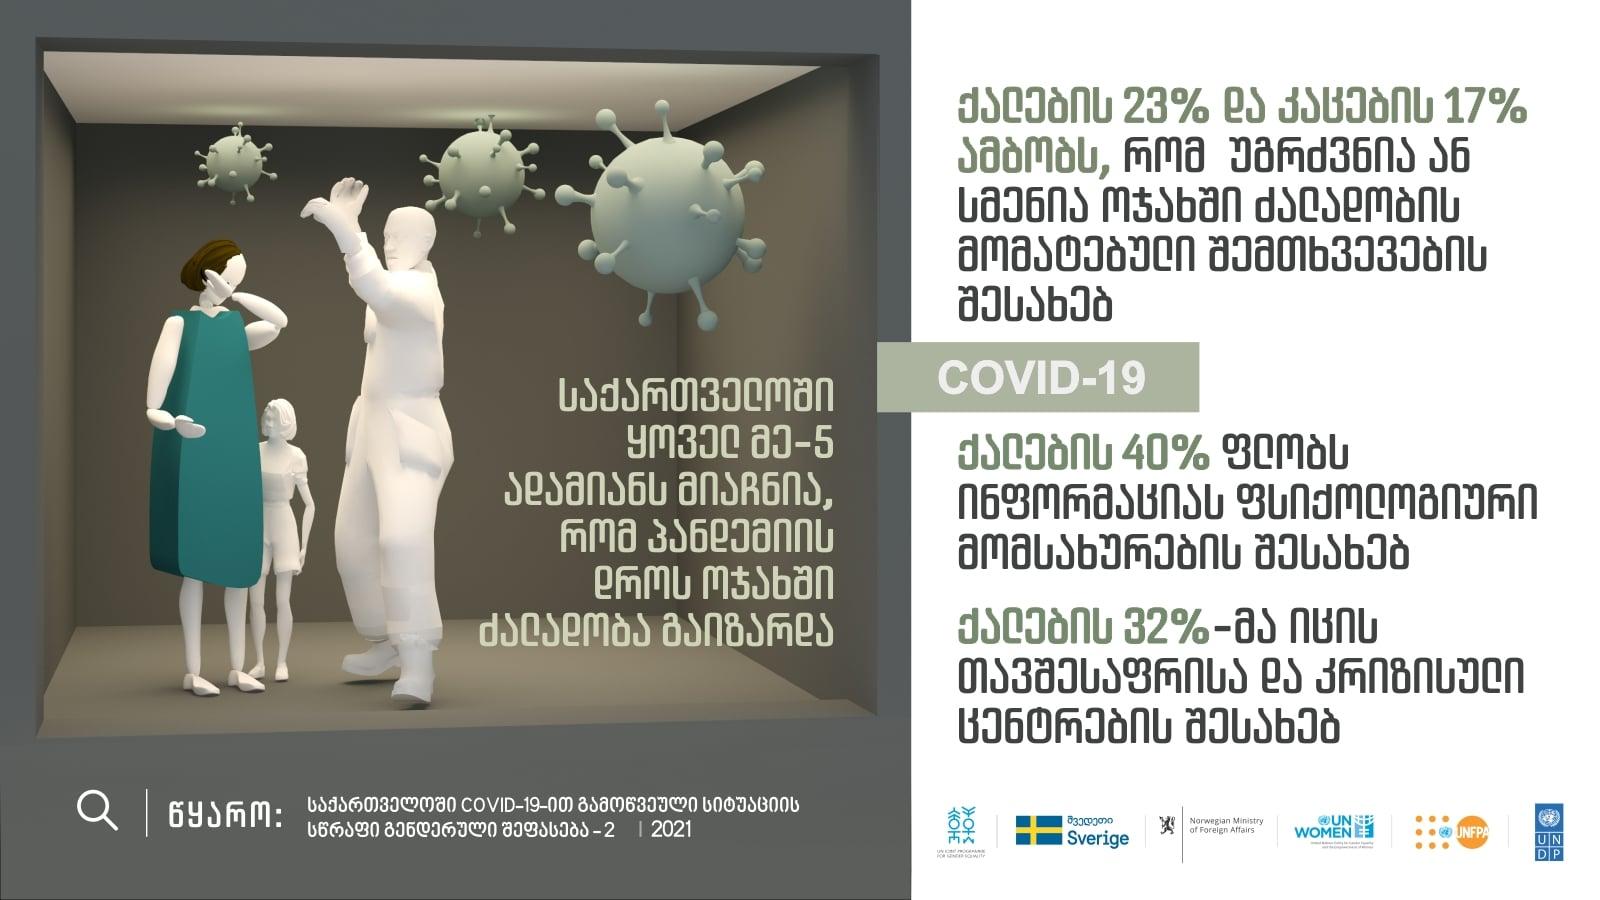 კვლევა: გენდერული თანასწორობის შესახებ